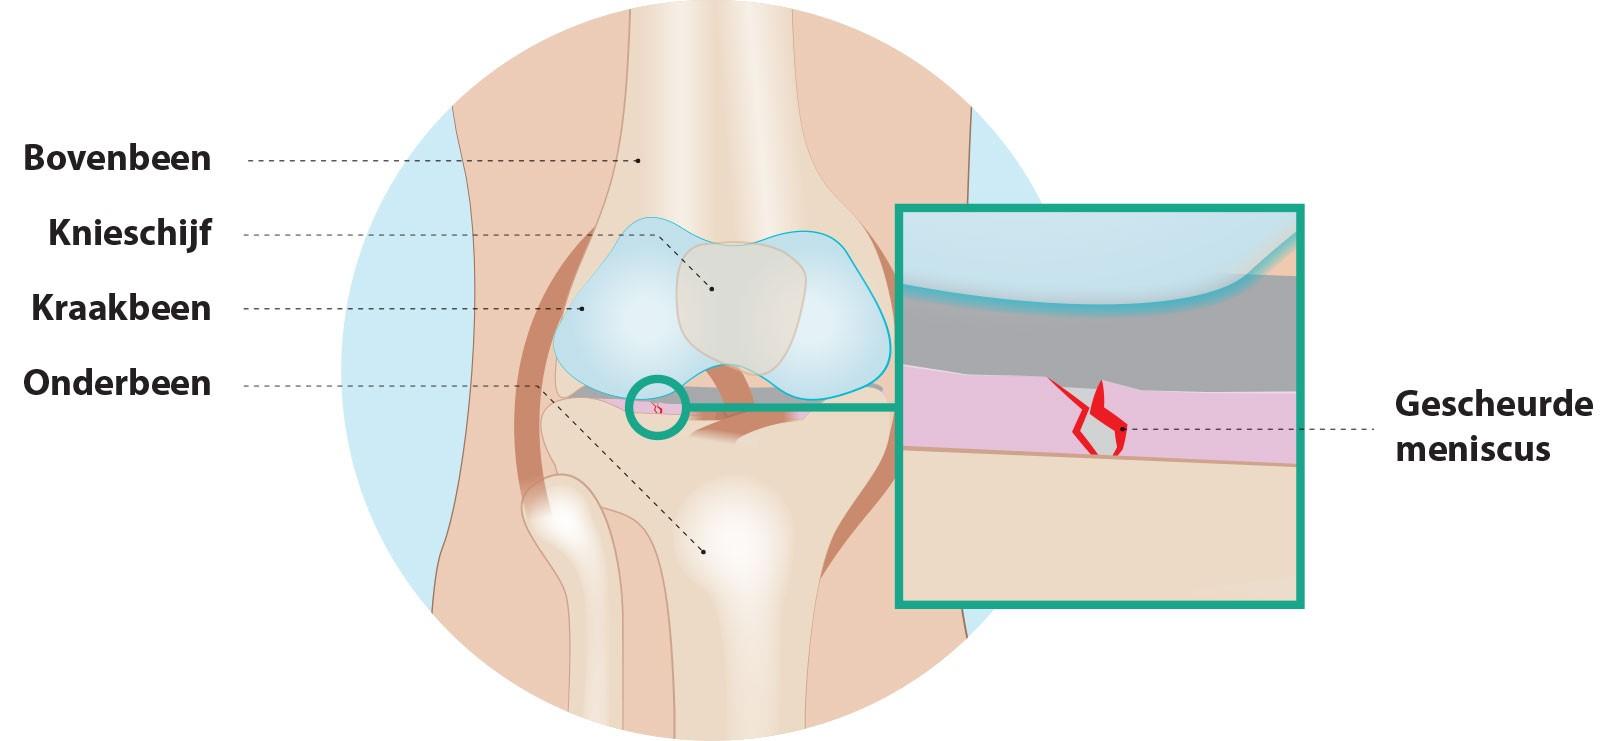 meniscus-2.jpg